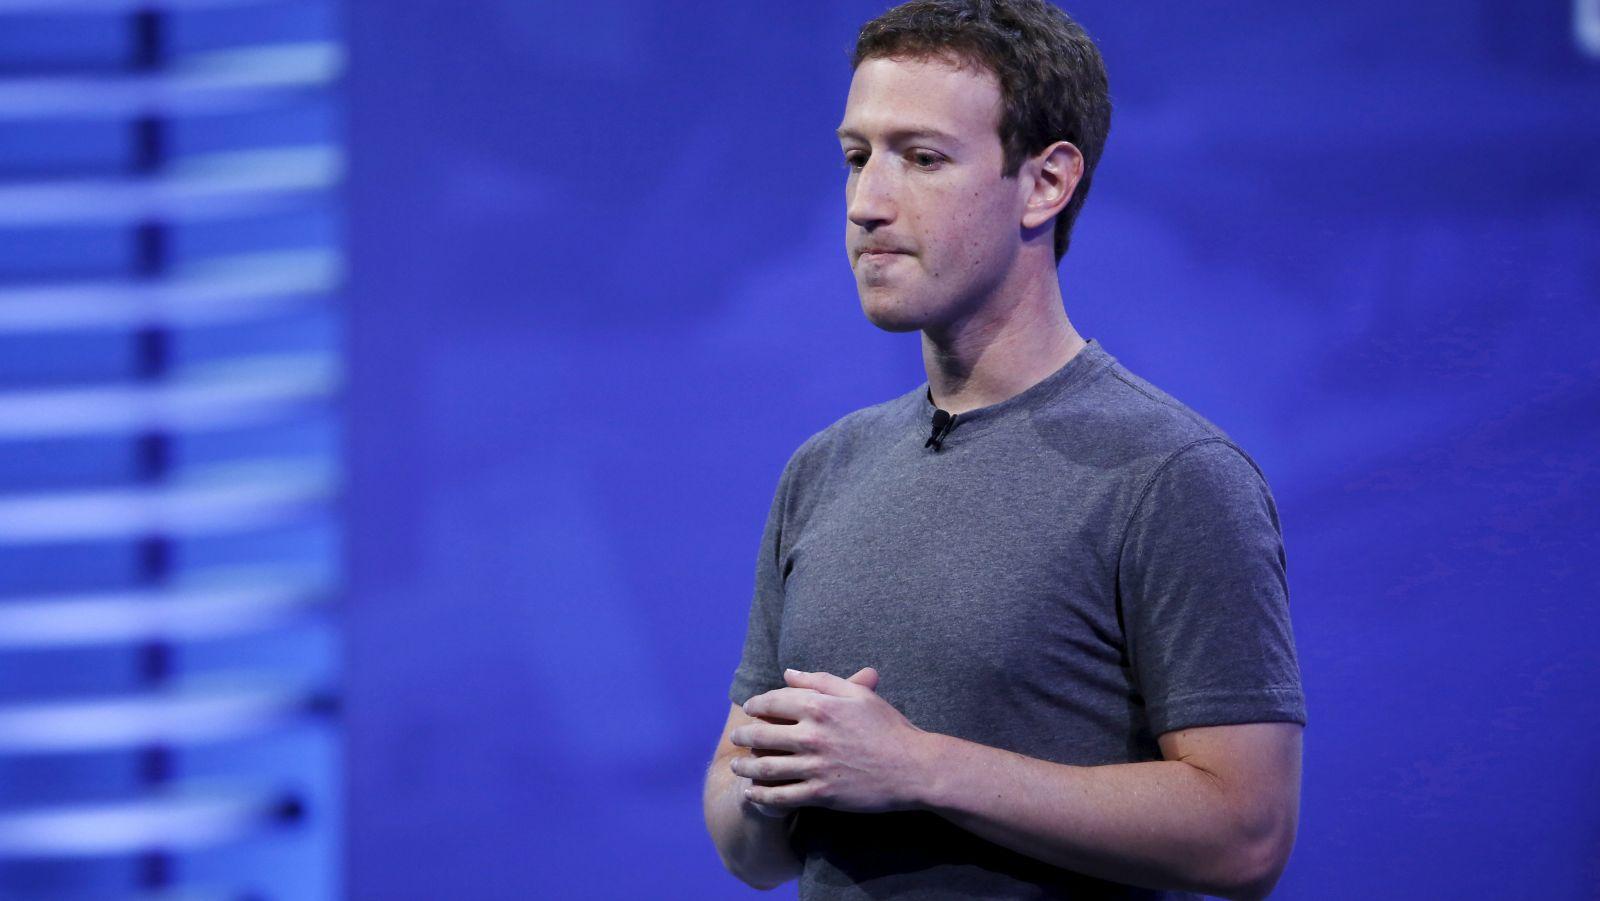 Facebook, Instagram และ WhatsApp กลับมาแล้วหลังล่มทั่วโลกกว่า 2 ชั่วโมง